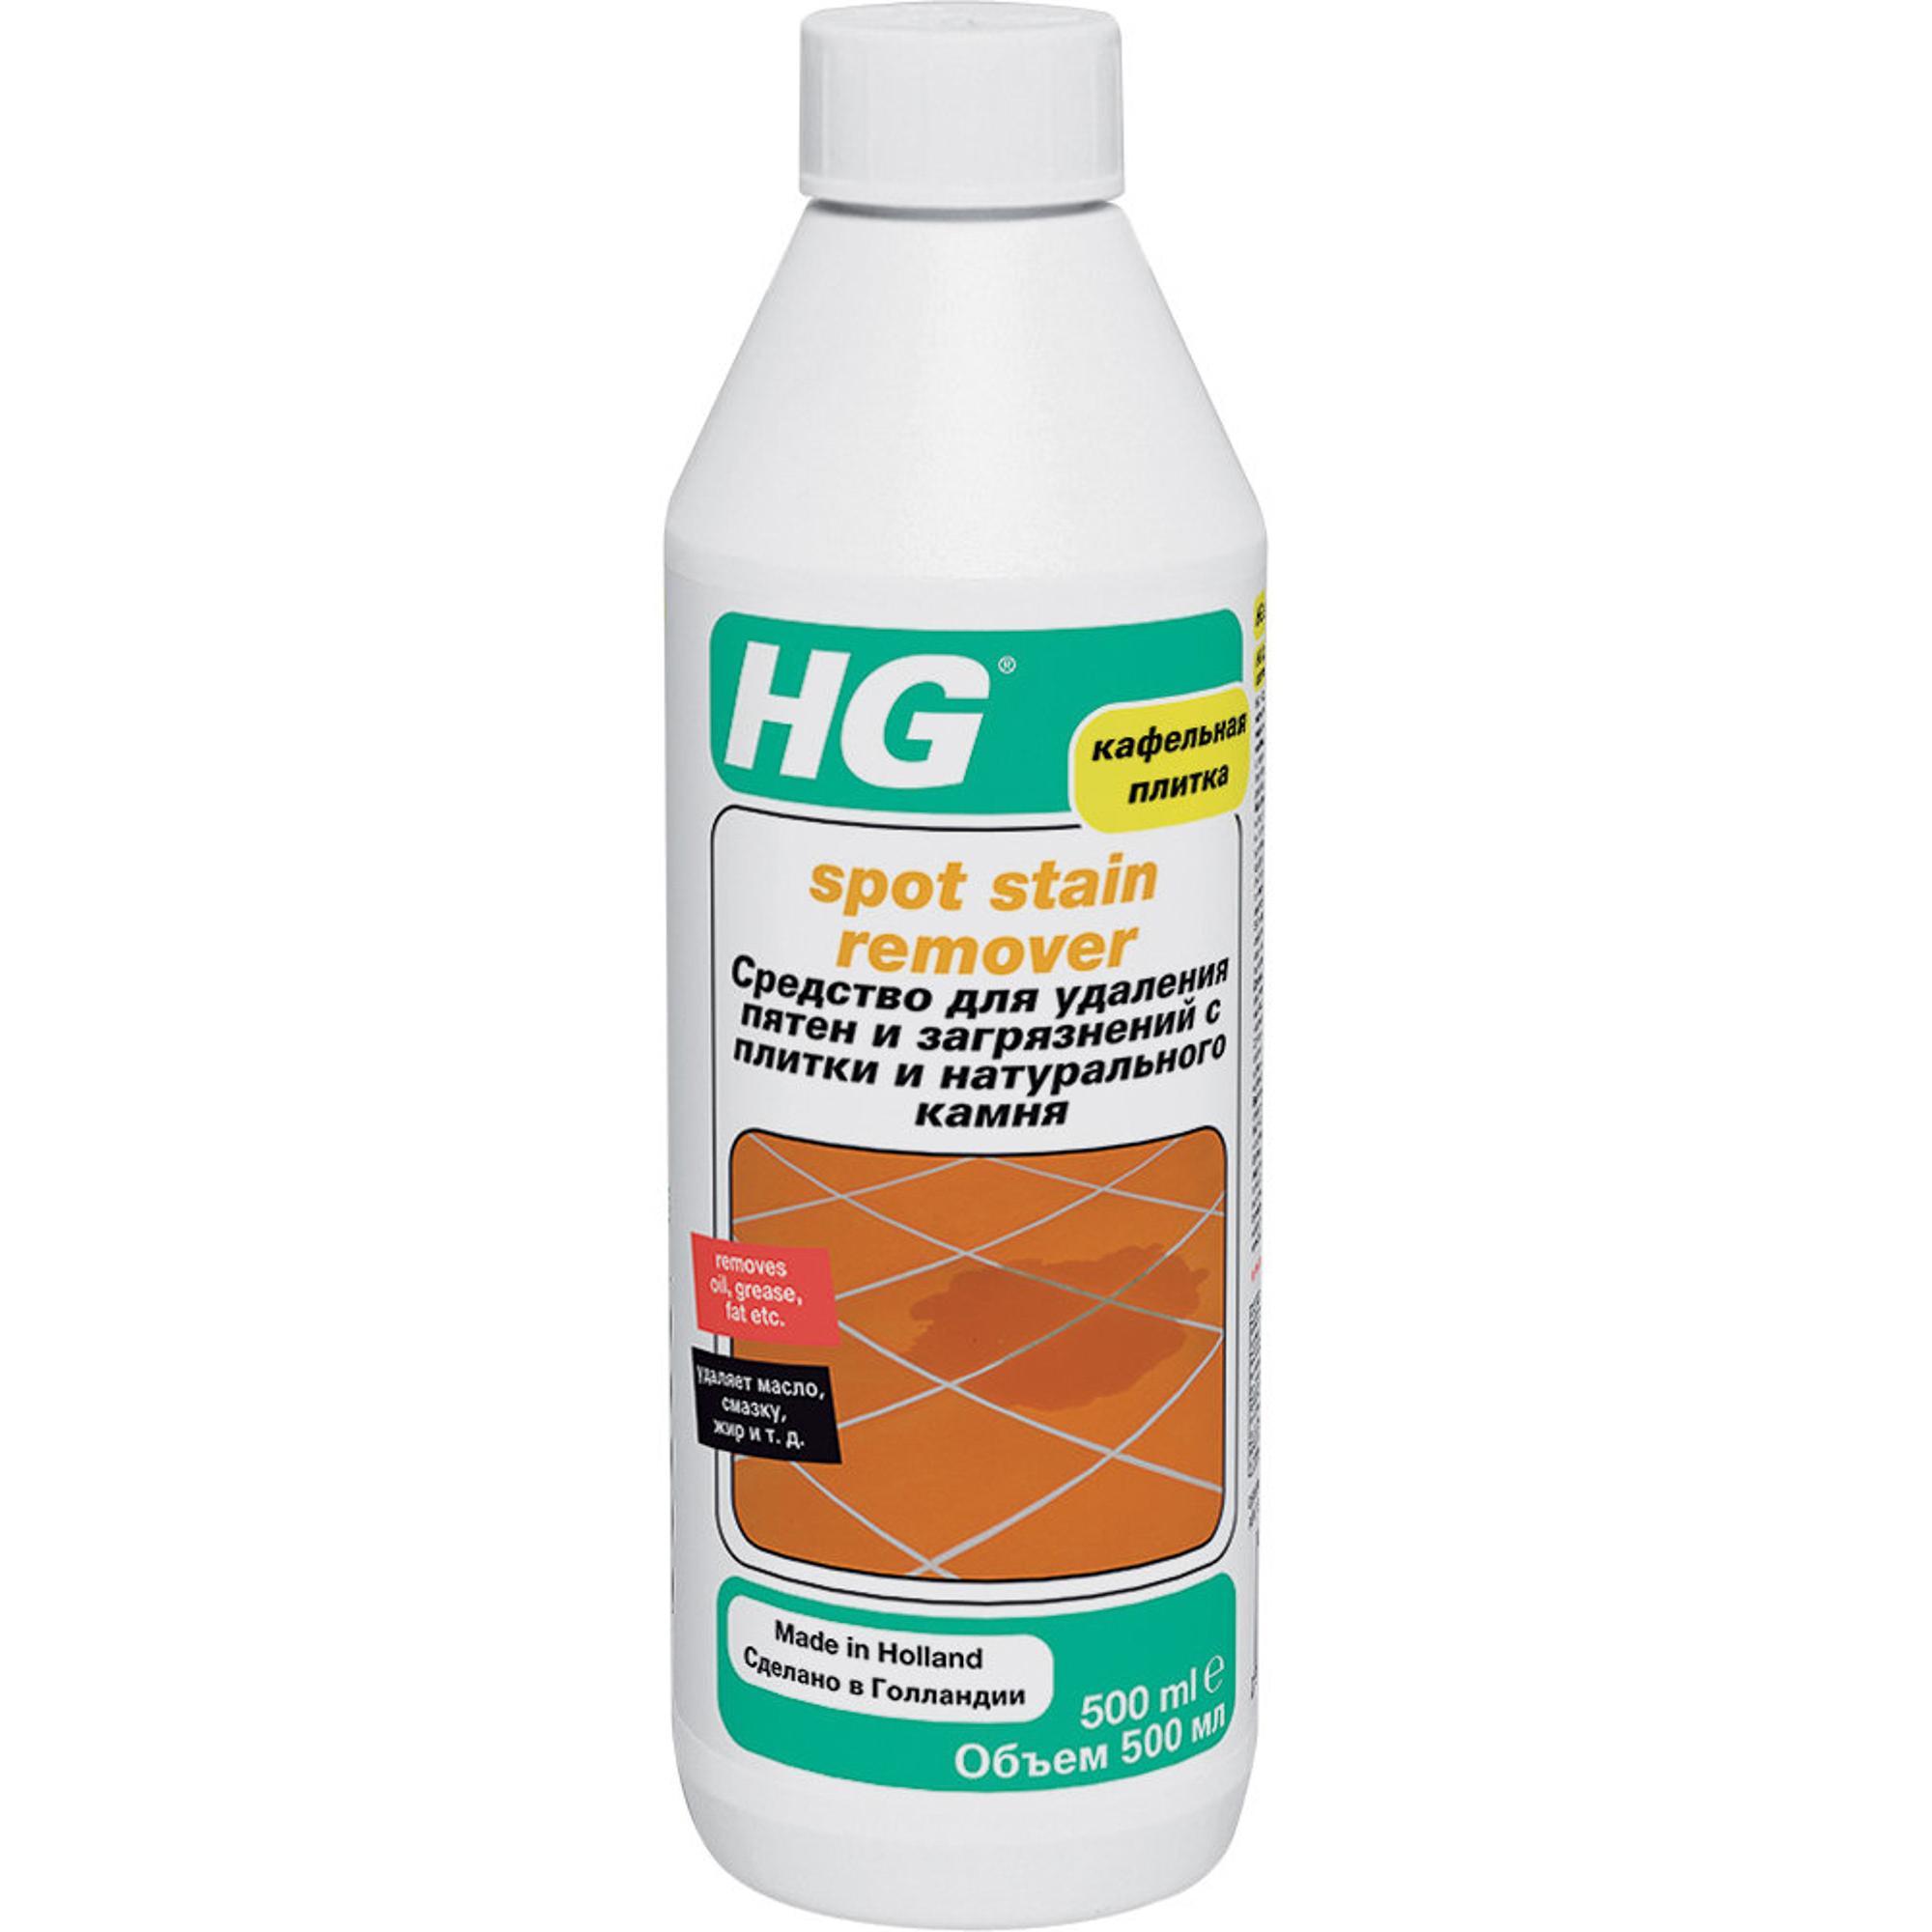 Средство HG Для удаления пятен и загрязнений с плитки и натурального камня 500 мл